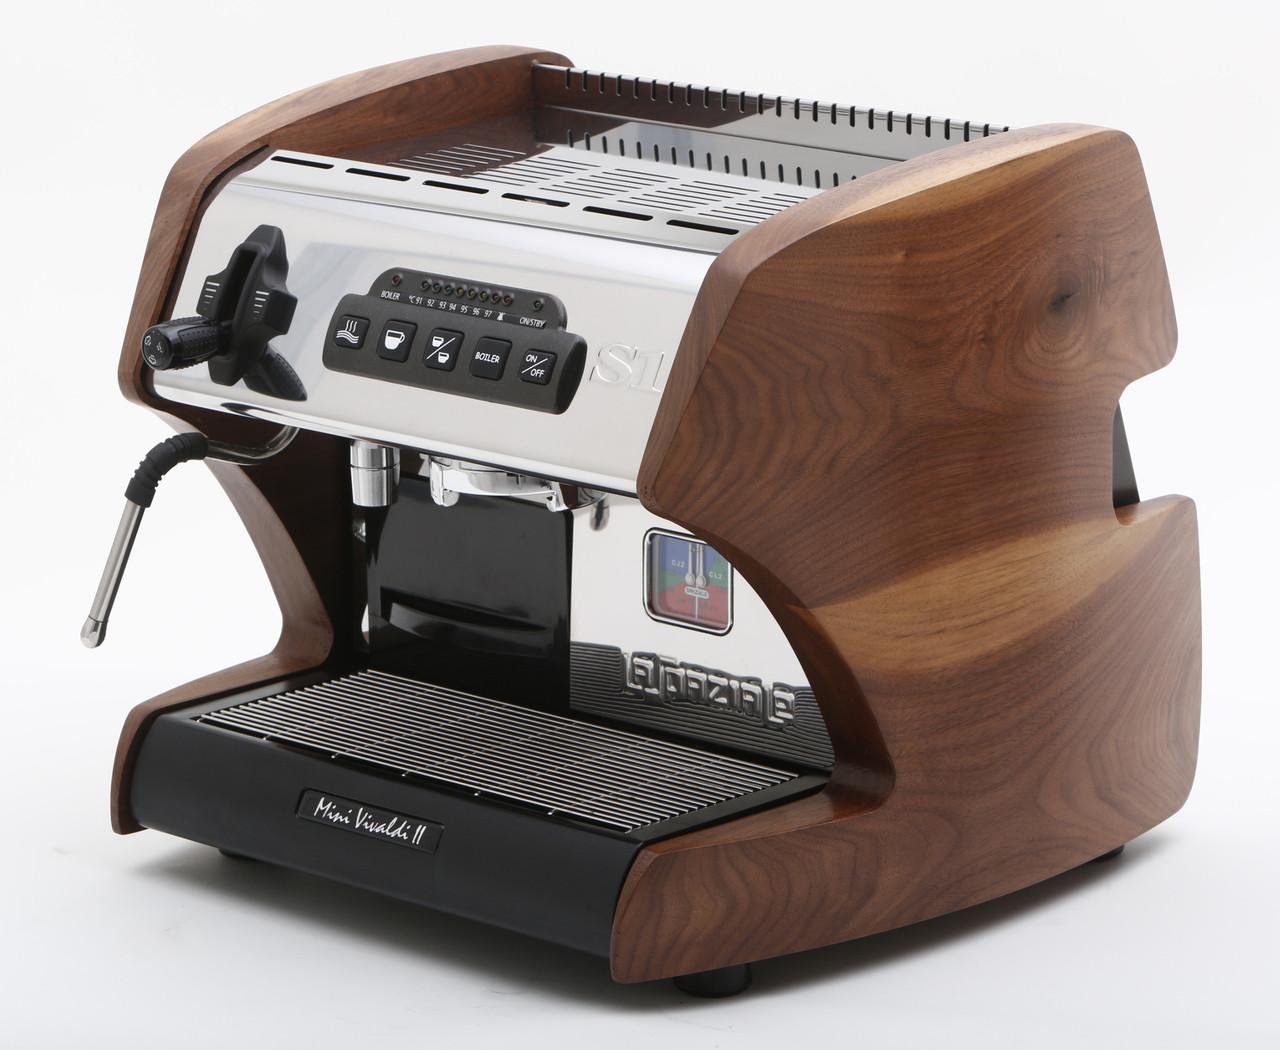 la spaziale s1 mini vivaldi ii espresso machines. Black Bedroom Furniture Sets. Home Design Ideas